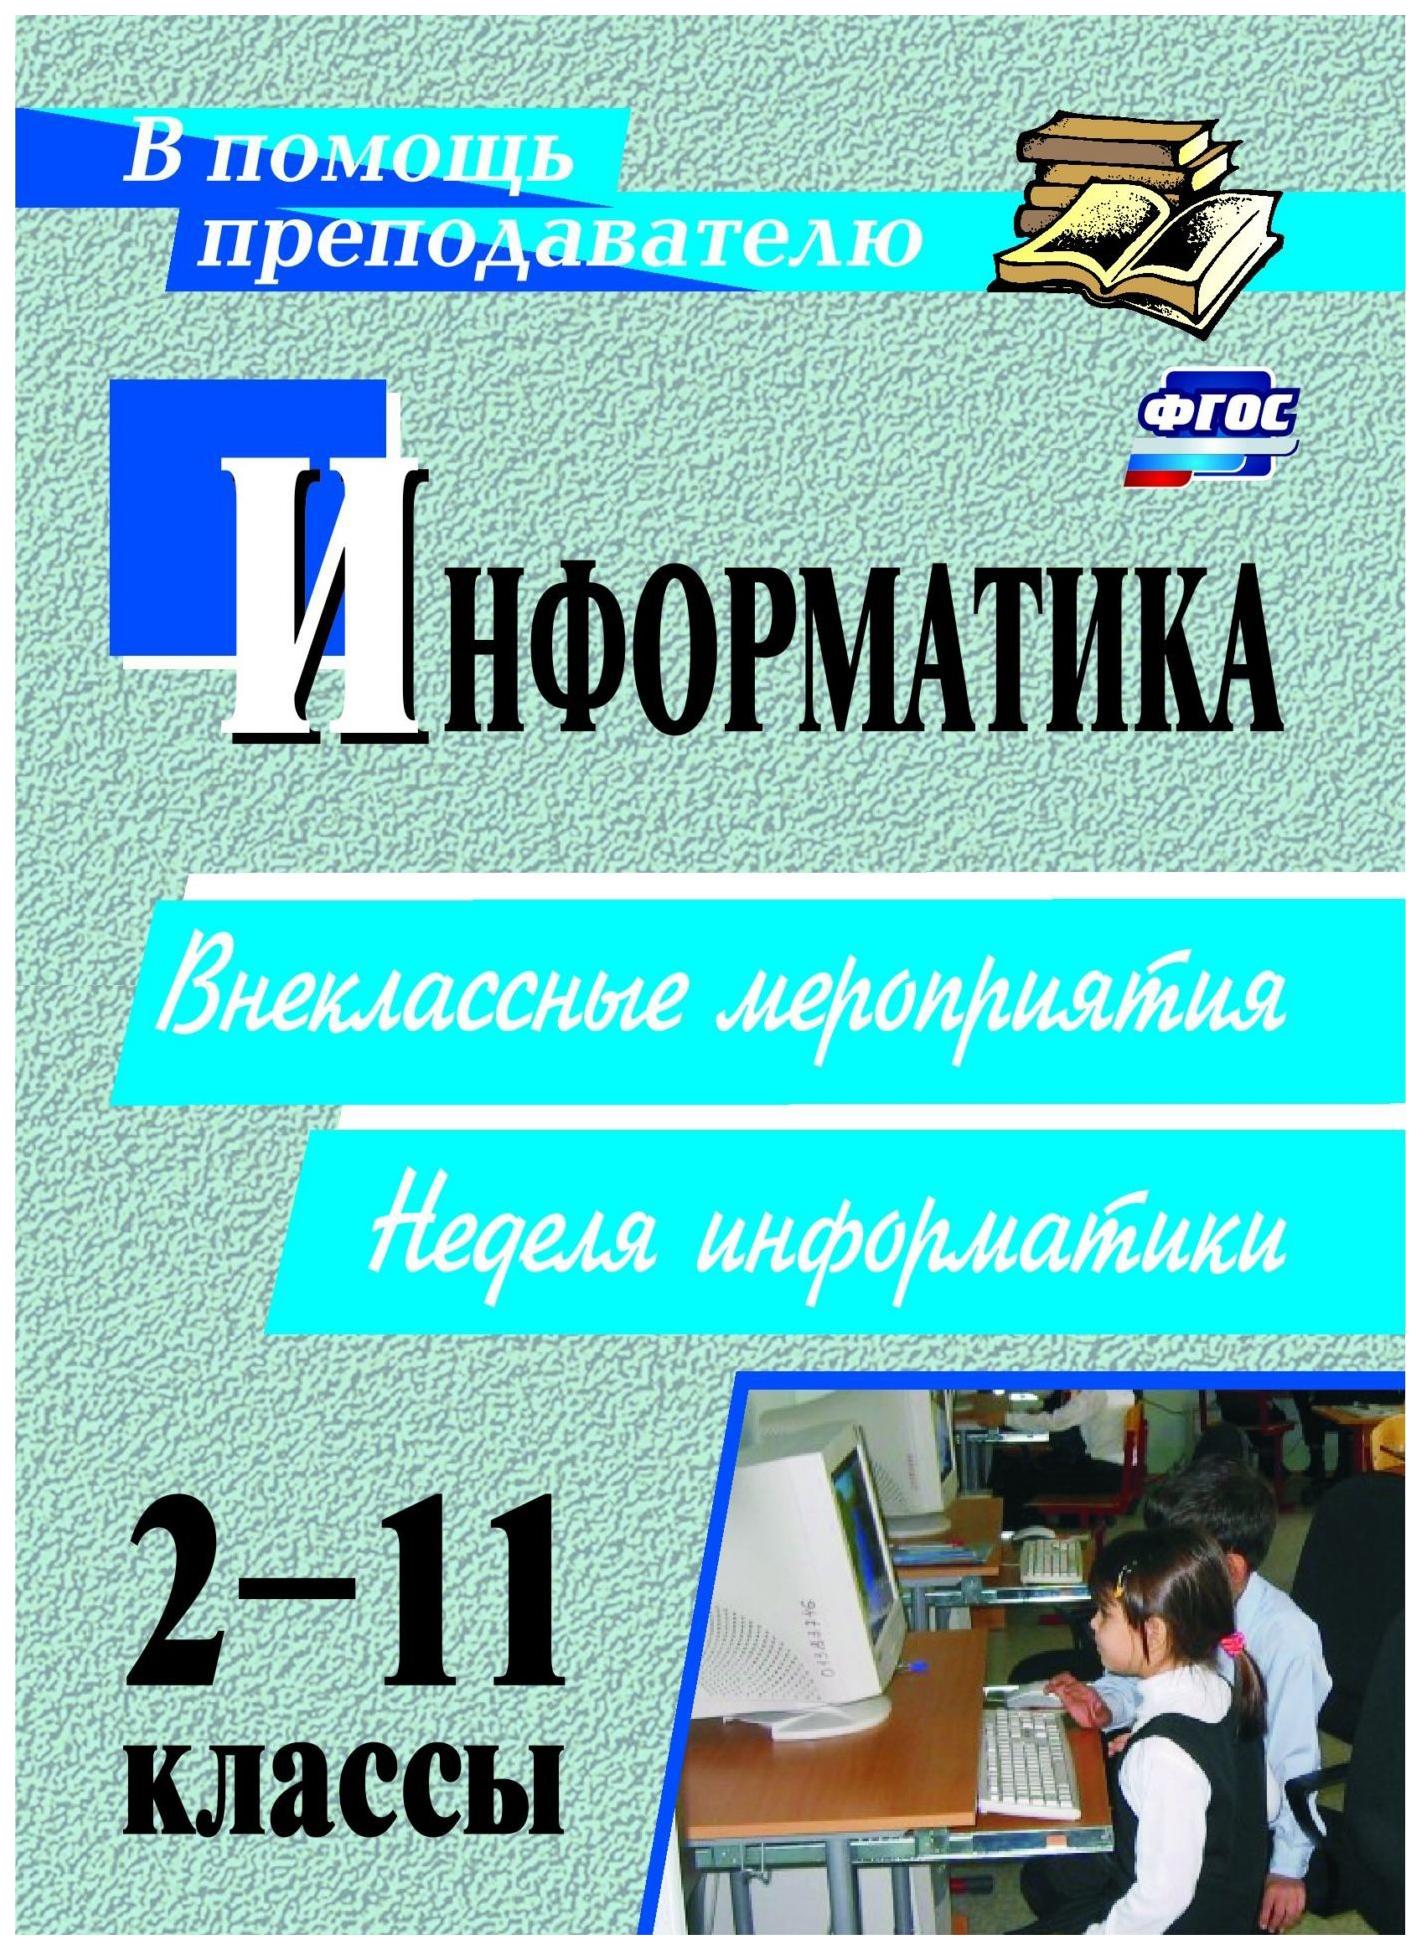 Информатика. 2-11 классы: внеклассные мероприятия, неделя информатики фото